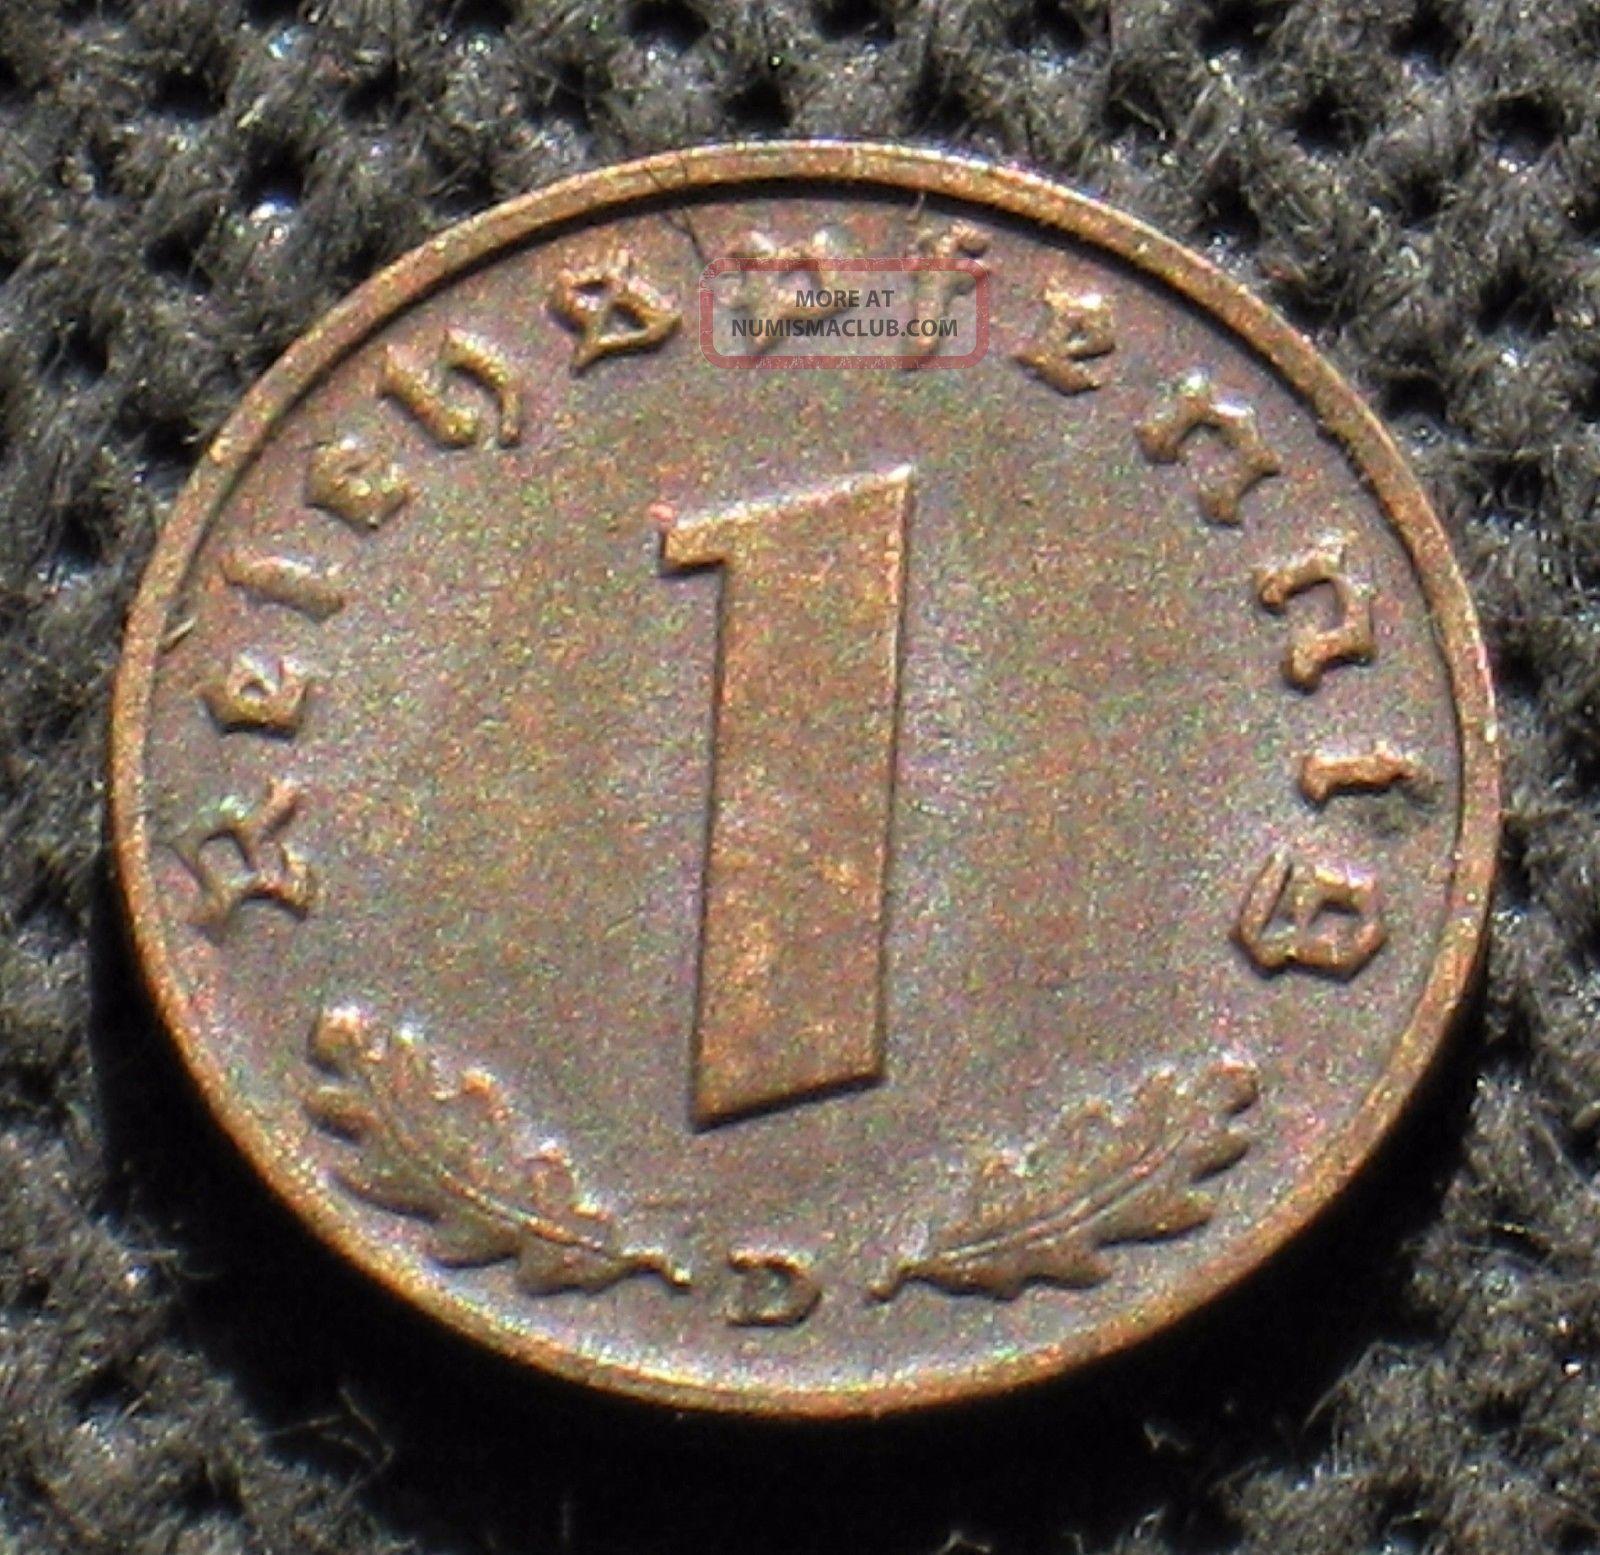 Old Coin Nazi Germany 1 Reichspfennig 1939 D Munich Swastika World War Ii (1) Germany photo